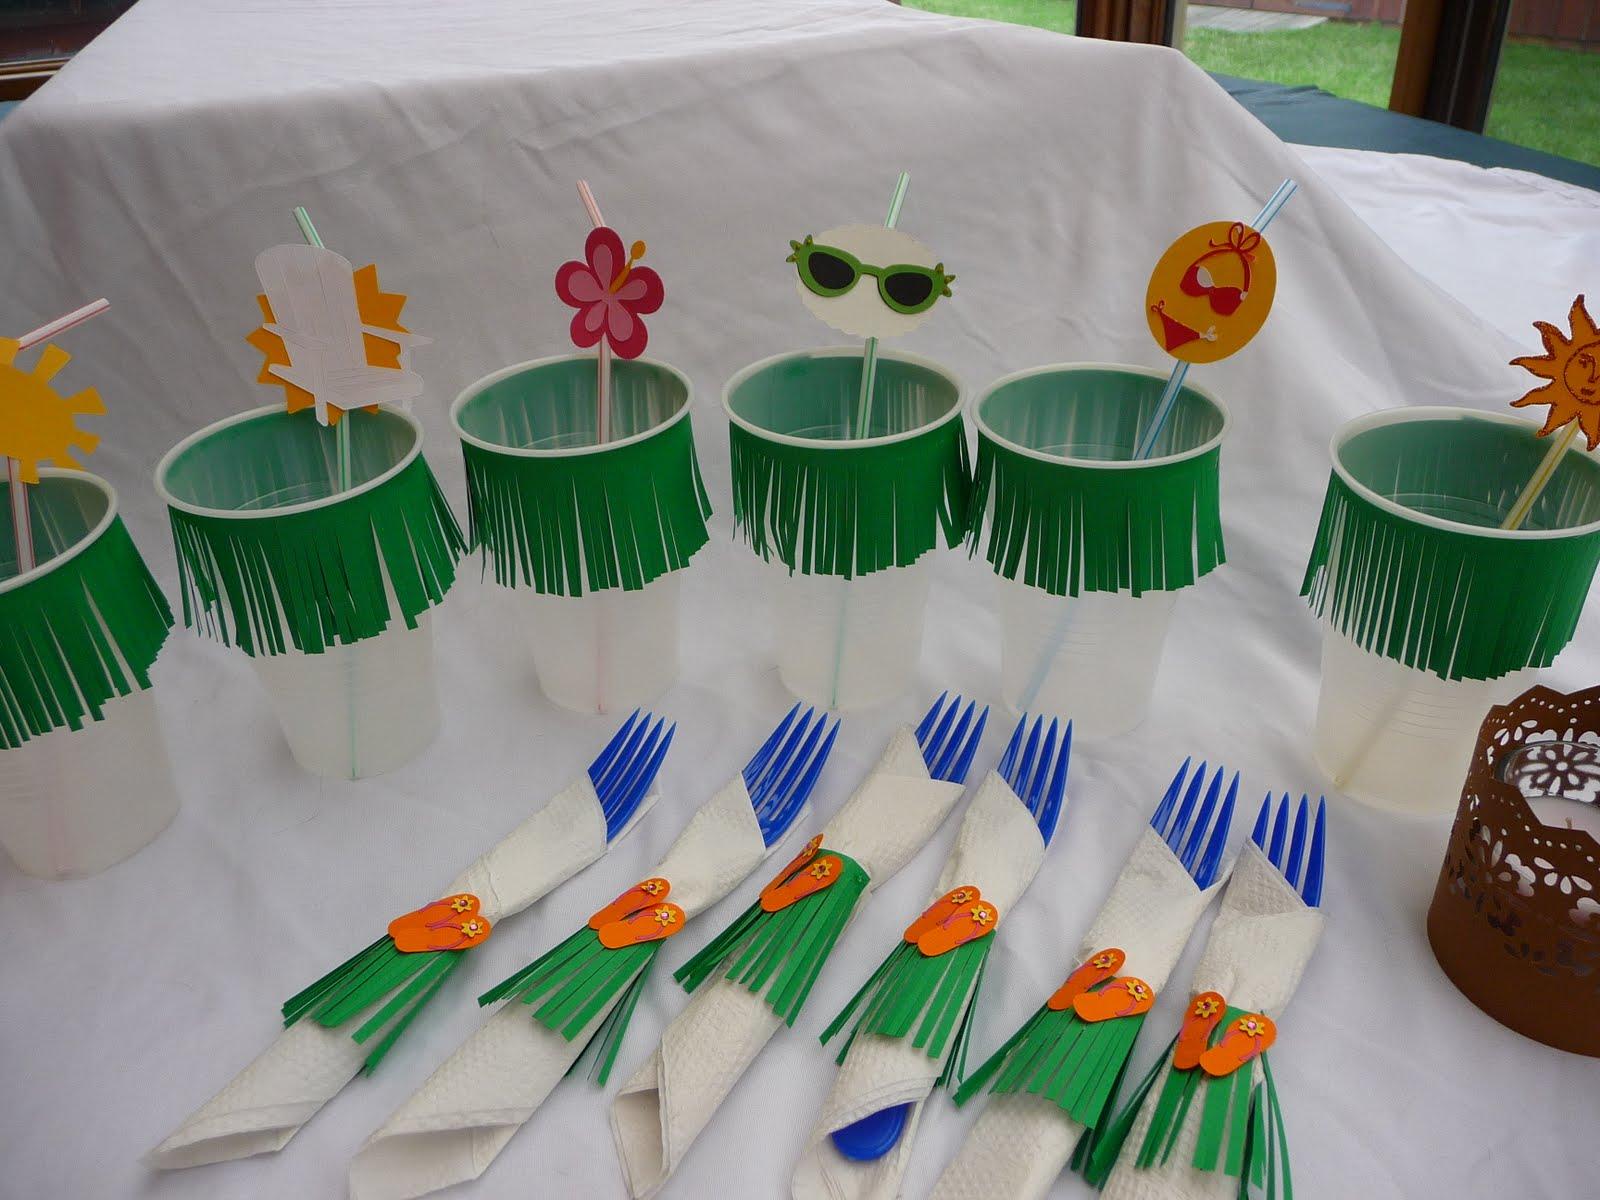 Festa Havaiana Dicas De Decoração Guia Tudo Festa Blog De